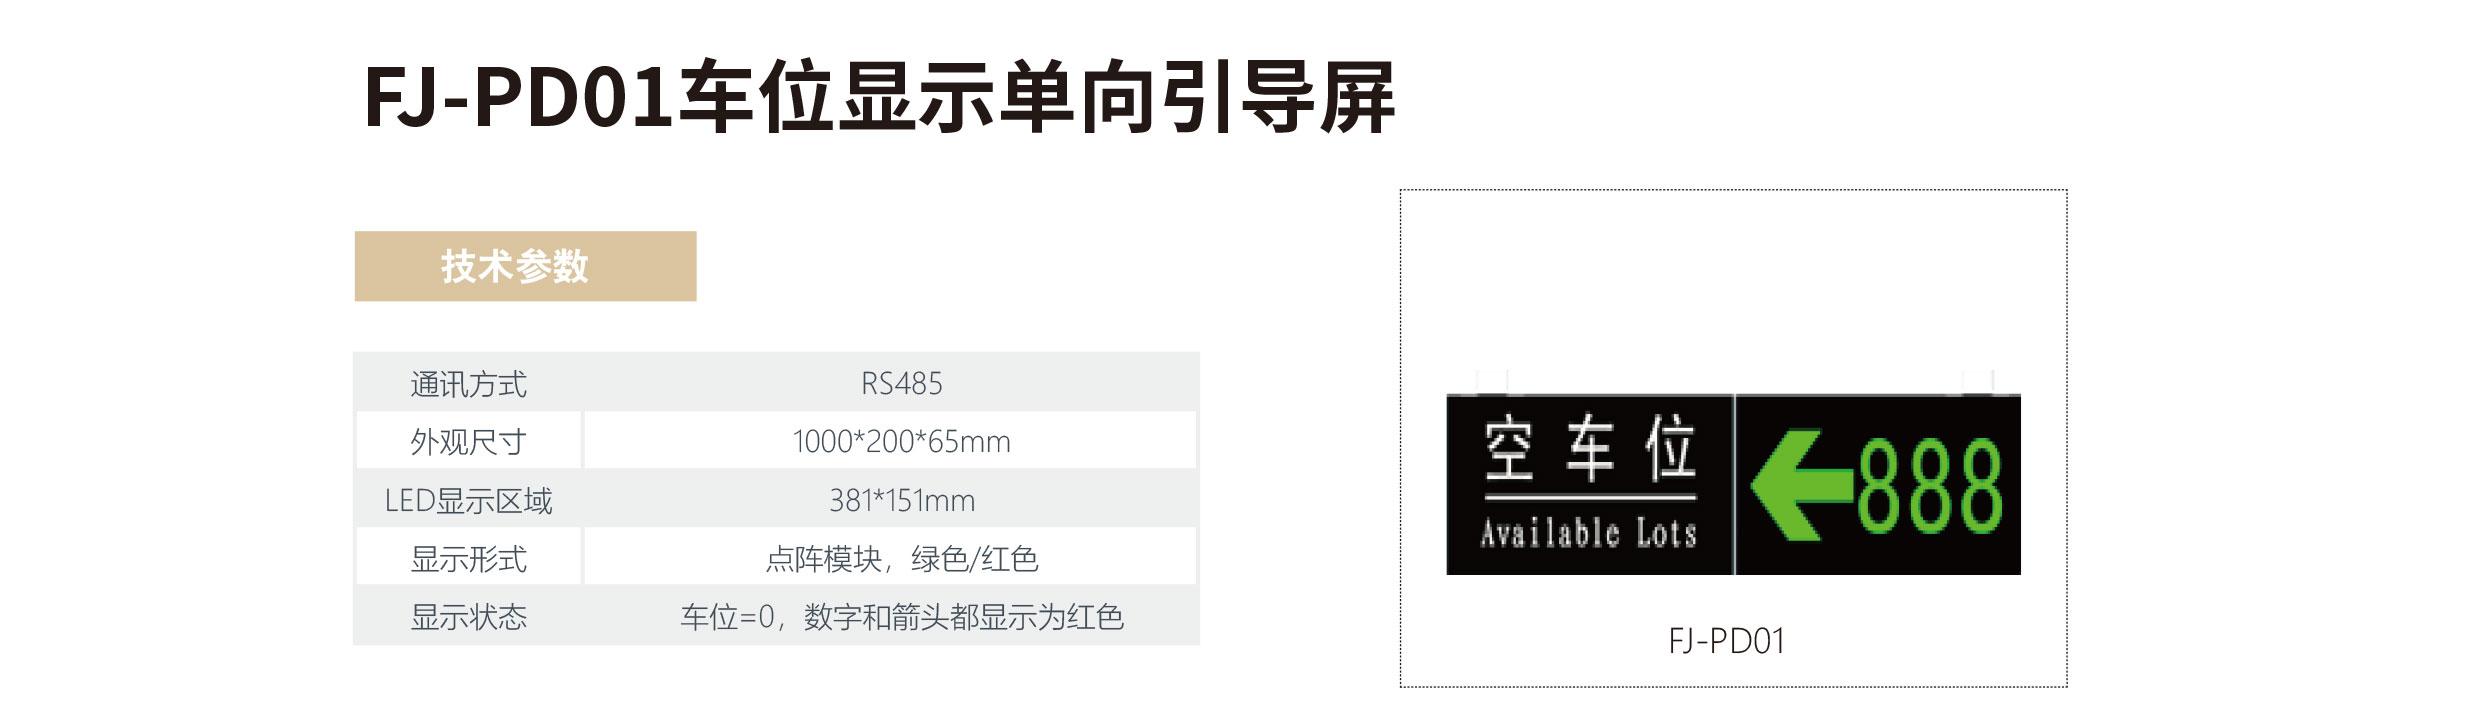 杭州富居数码科技有限公司最终稿-22_02.jpg